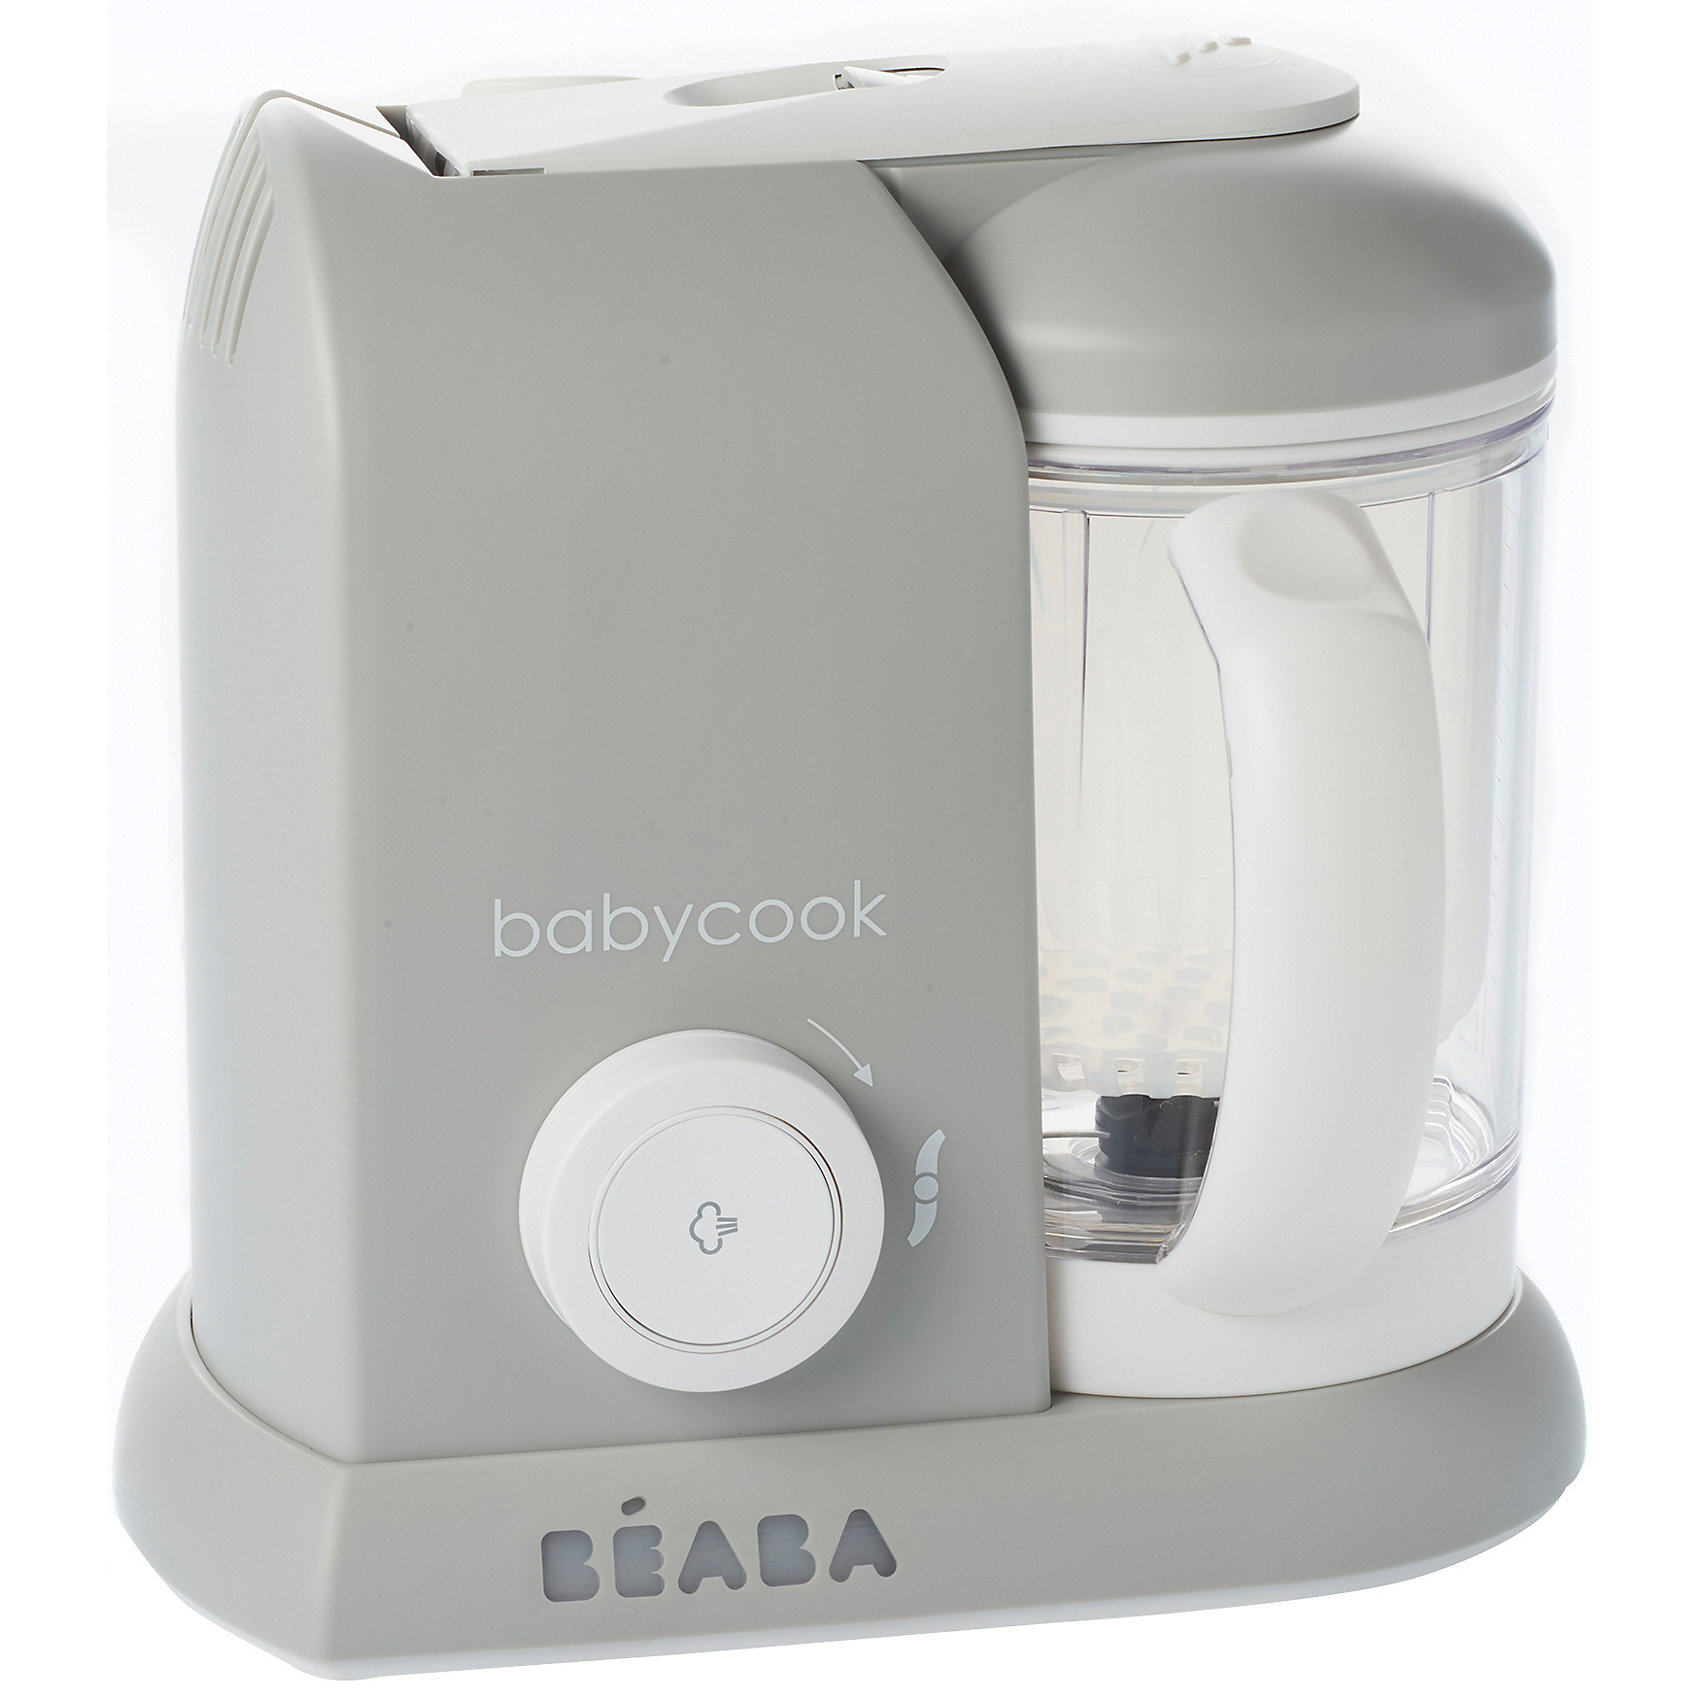 Блендер-пароварка Babycook, Beaba, GREY EUБлендер-пароварка Babycook, Beaba (Беаба), GREY EU<br><br>Характеристики:<br><br>• готовит на пару, измельчает готовые продукты, размораживает и подогревает<br>• готовит мясо, овощи и другие продукты за 15 минут<br>• крышка легко открывается и закрывается<br>• автоматическое отключение<br>• звуковой сигнал<br>• экран с подсветкой<br>• легкая и компактная<br>• объем кувшина: 1100 мл<br>• управление: механическое<br>• в комплекте: нож для измельчения, лопатка, паровая корзина, крышка чаши с фильтром для фруктовых коктейлей, книга с рецептами для малышей<br>• материал: пластик, металл<br>• размер: 27,5х19х25 см<br>• вес: 2200 грамм<br>• размер упаковки: 28х25х20 см<br>• цвет: серый<br><br>Блендер-пароварка Babycook - прекрасный помощник для мам. Он совмещает 4 важных функции: приготовление на пару, измельчение и приготовление пюре, размораживание и подогрев. Вы всегда будете знать, какие продукты входят в еду ребенка и сможете самостоятельно выбрать нужную консистенцию. Блендер-пароварка оснащена экраном с подсветкой, звуковым сигналом при окончании приготовления и автоматическим отключением. <br><br>Процесс приготовления на пару занимает не более 20 минут. Специальный механизм позволит вам открыть и закрыть крышку кувшина одной рукой. Пароварка очень легкая и компактная - она не займет много места на кухне. В комплект входит книга с рецептами для малышей от 6 месяцев до двух лет.<br><br>Блендер-пароварка Babycook, Beaba (Беаба), GREY EU можно купить в нашем интернет-магазине.<br><br>Ширина мм: 240<br>Глубина мм: 180<br>Высота мм: 240<br>Вес г: 2400<br>Возраст от месяцев: 4<br>Возраст до месяцев: 2147483647<br>Пол: Унисекс<br>Возраст: Детский<br>SKU: 5445709